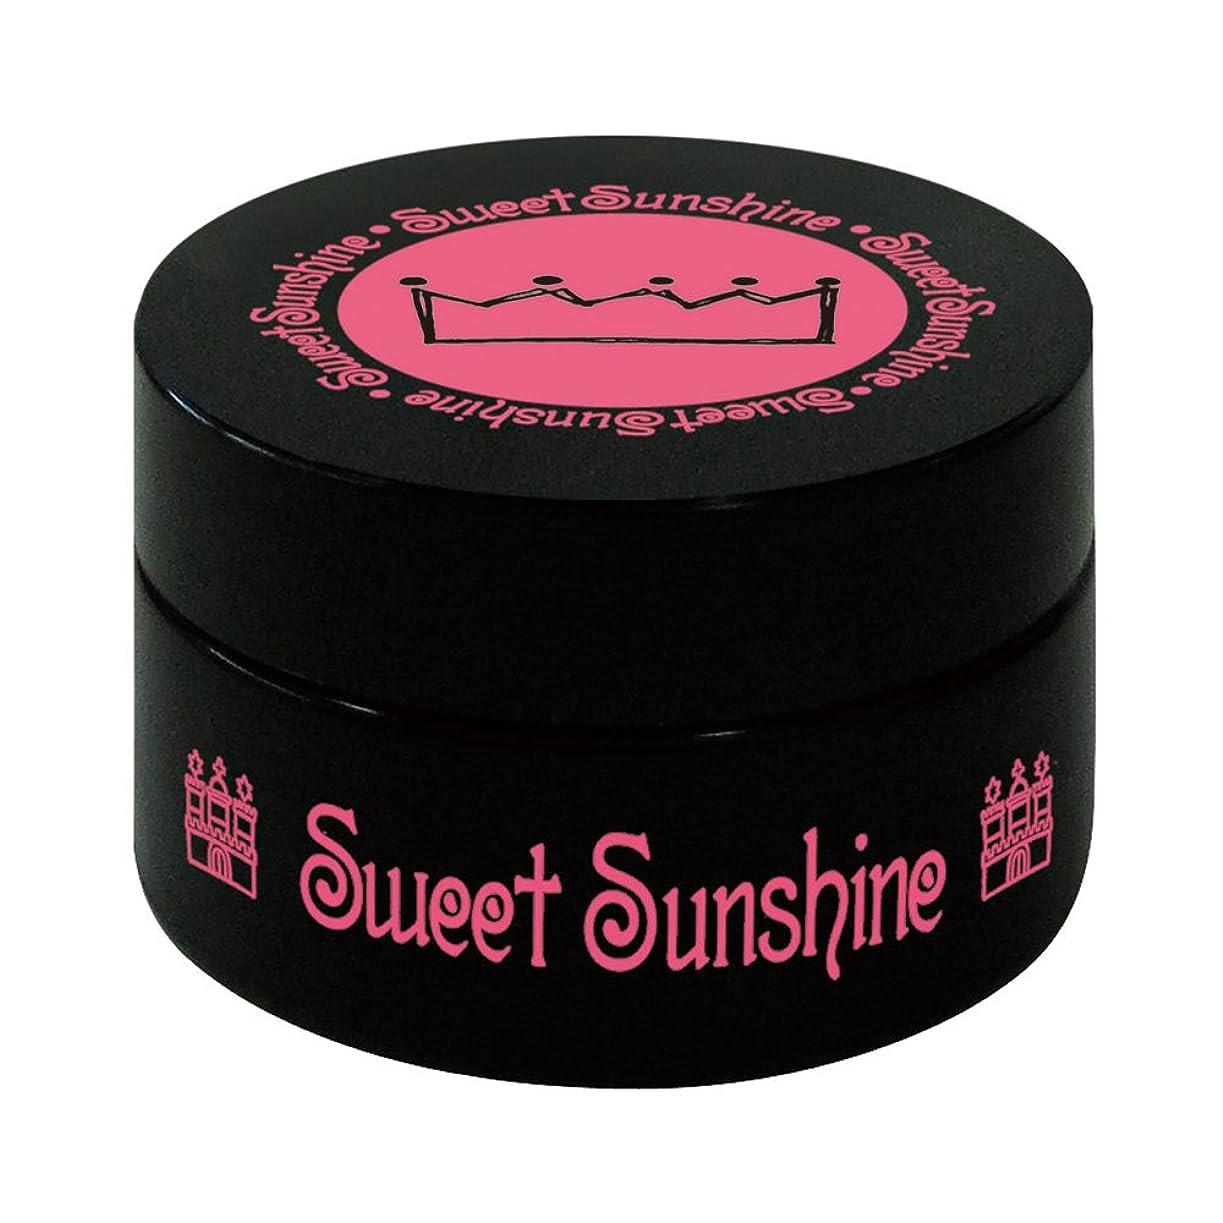 市民権ミニ完全に乾く最速硬化LED対応 Sweet Sunshine スィート サンシャイン カラージェル SC-128 4g ライトチャコールグレー